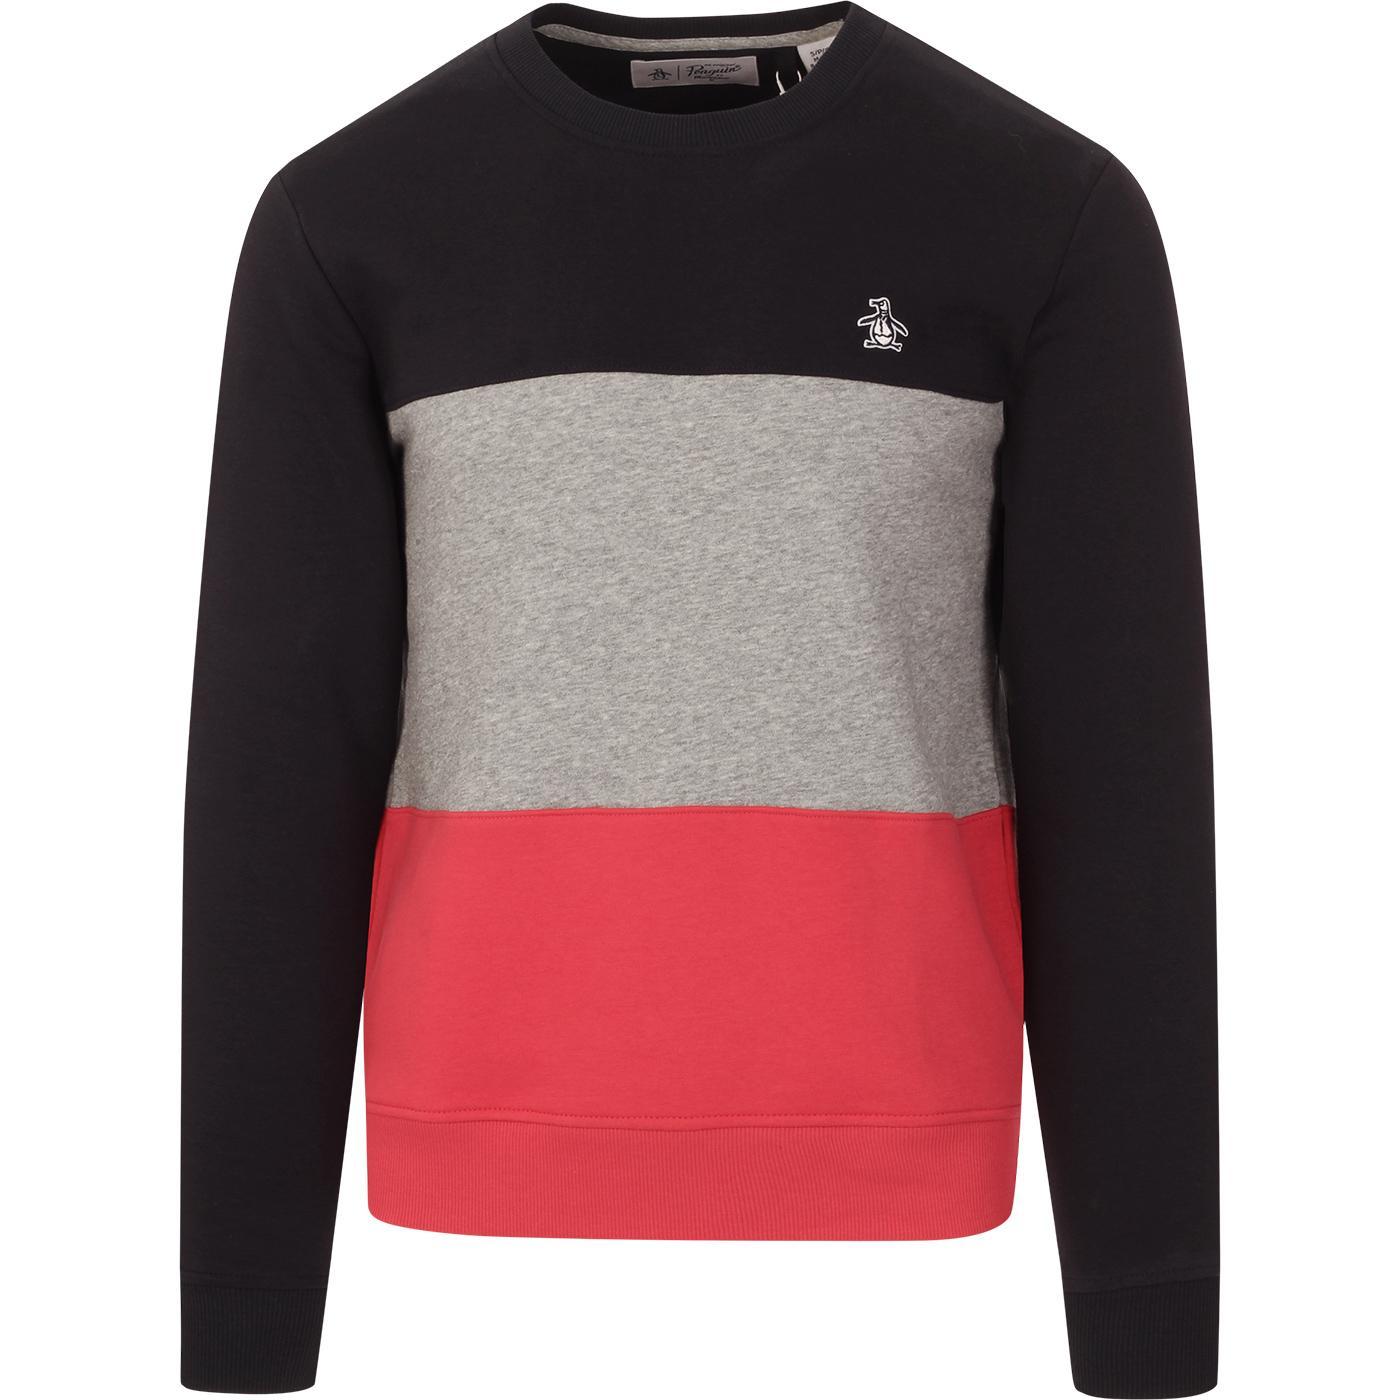 ORIGINAL PENGUIN Retro Colour Block Sweatshirt DS